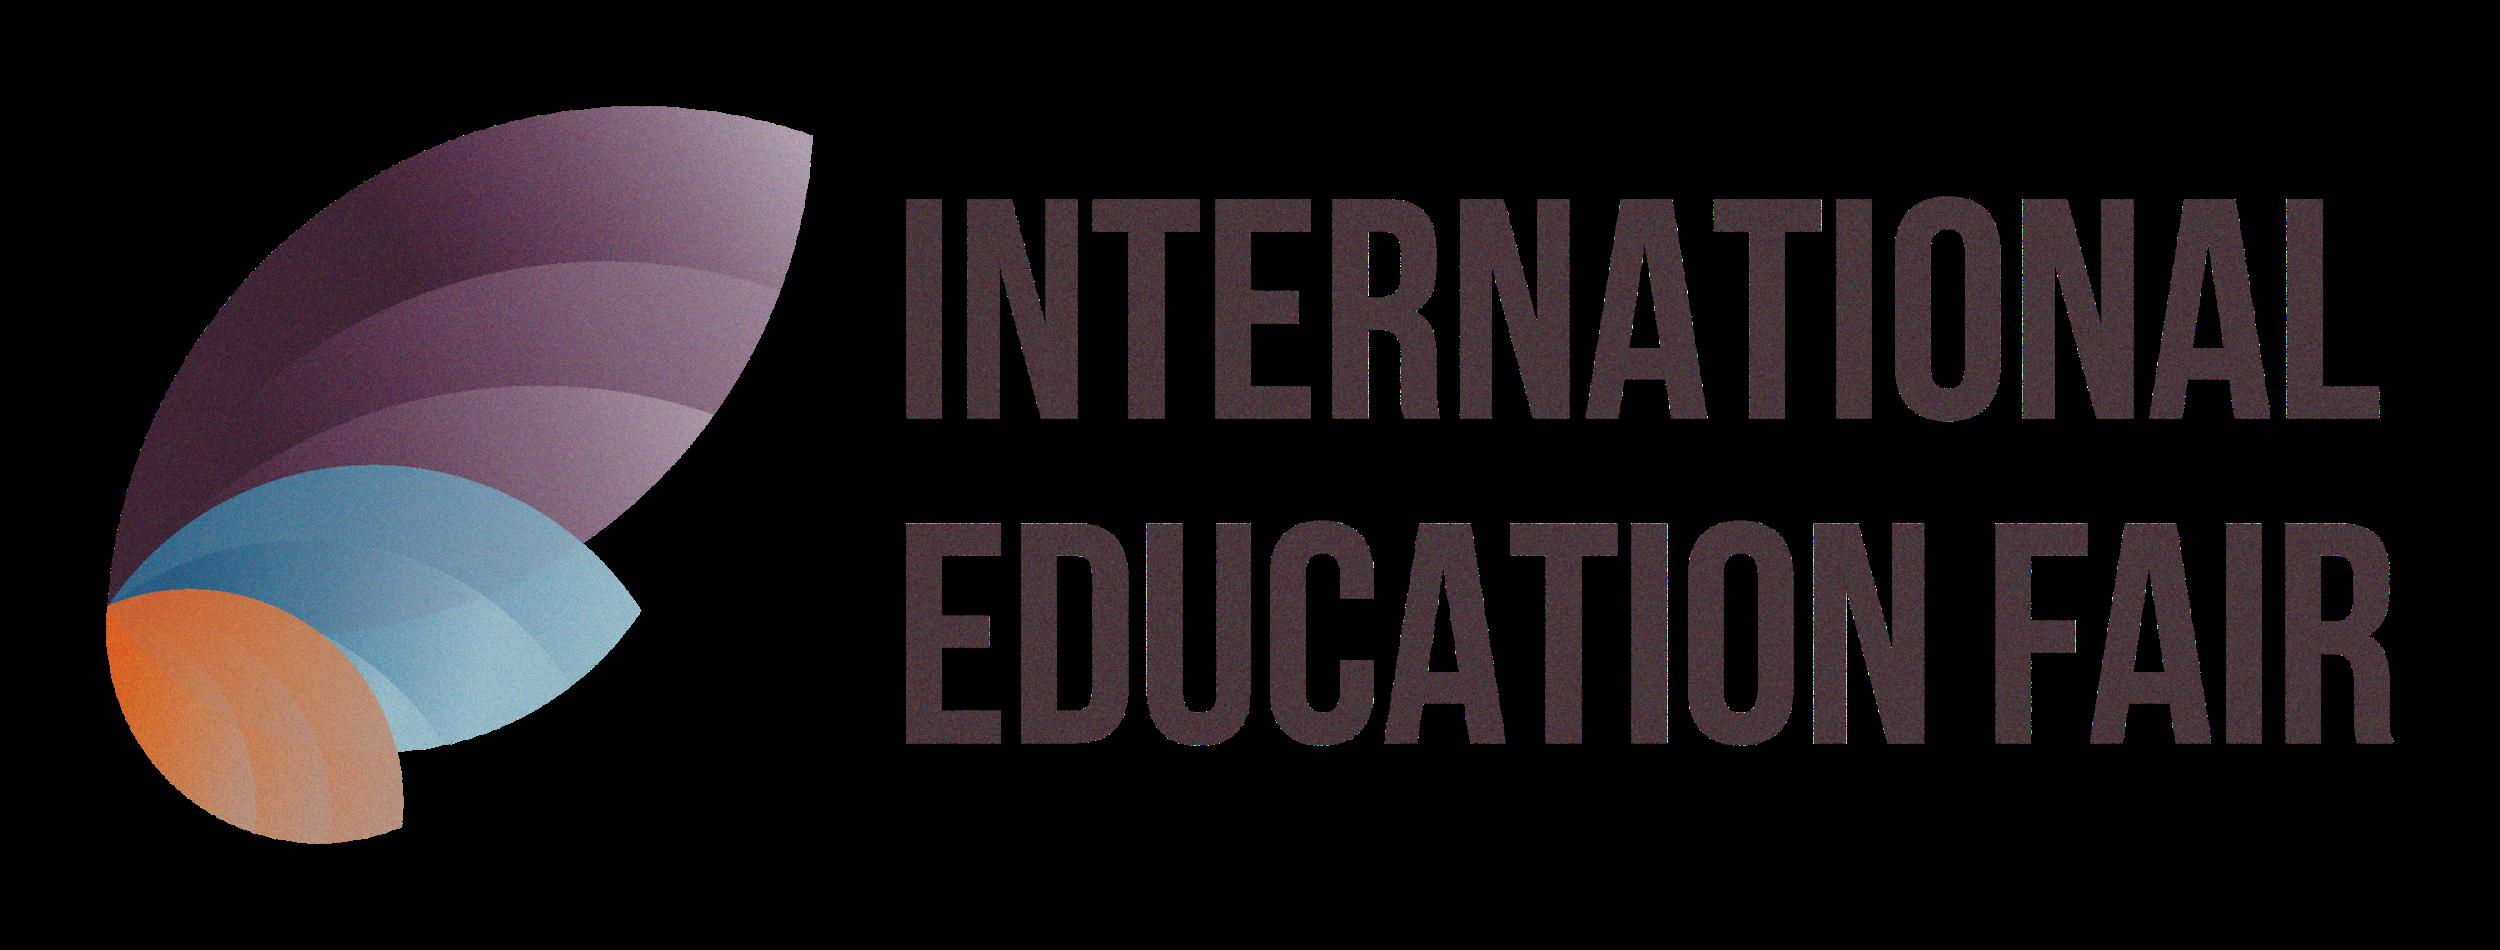 Міжнародна освітня онлайн-виставка International Education Fair 2021!